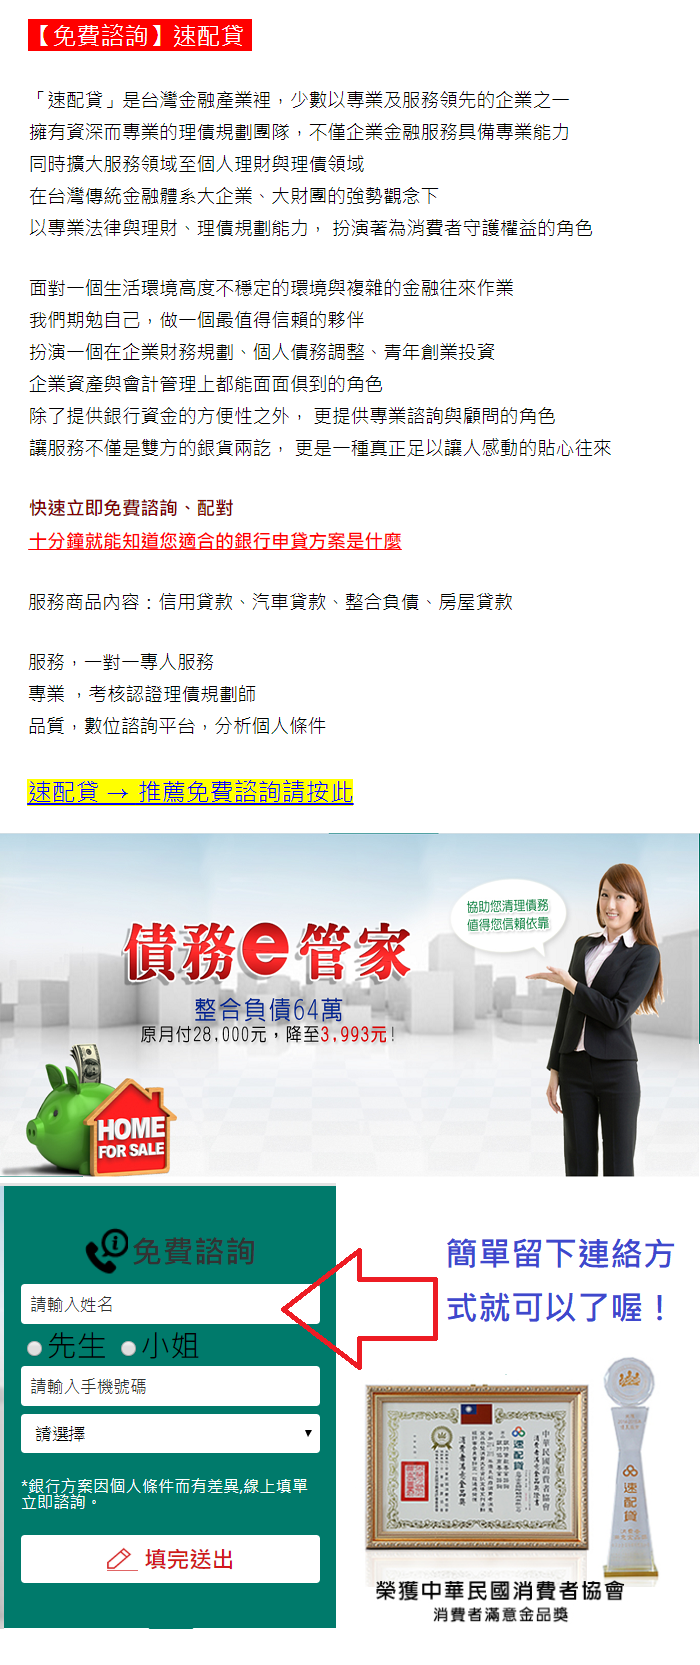 個人貸款查詢方法